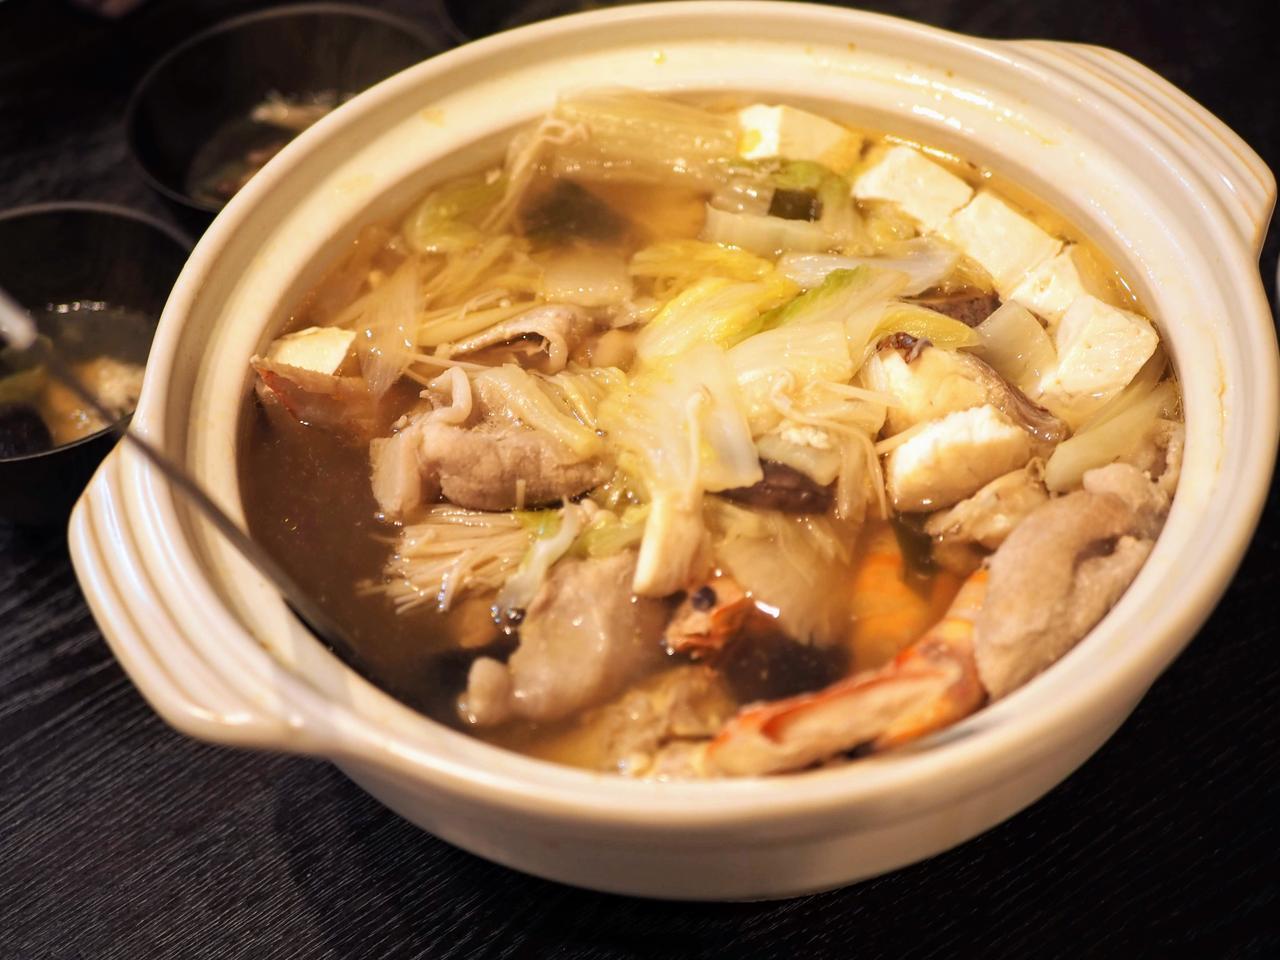 画像: 【レシピ公開】カレー鍋やおでん! 冬キャンプは鍋がおすすめ 熱々の料理で温まろう - ハピキャン(HAPPY CAMPER)